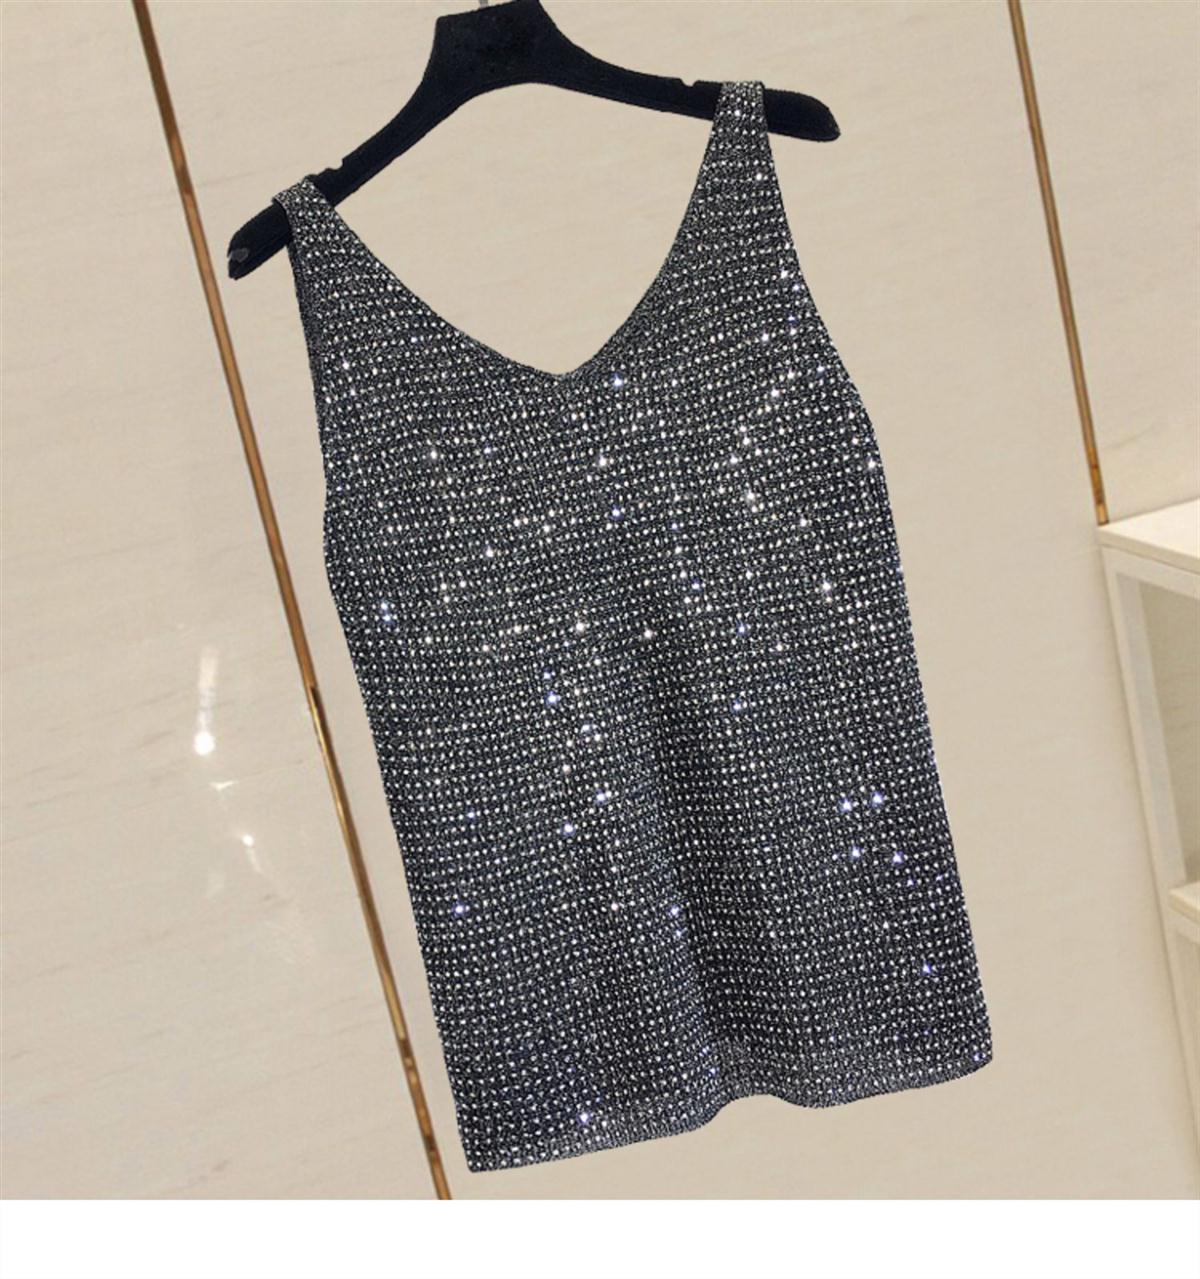 Трикотажная кофточка, Топ для женщин, летний корейский жилет без рукавов, футболка, топ с блестками, короткая форма, модный дизайн, большие майки